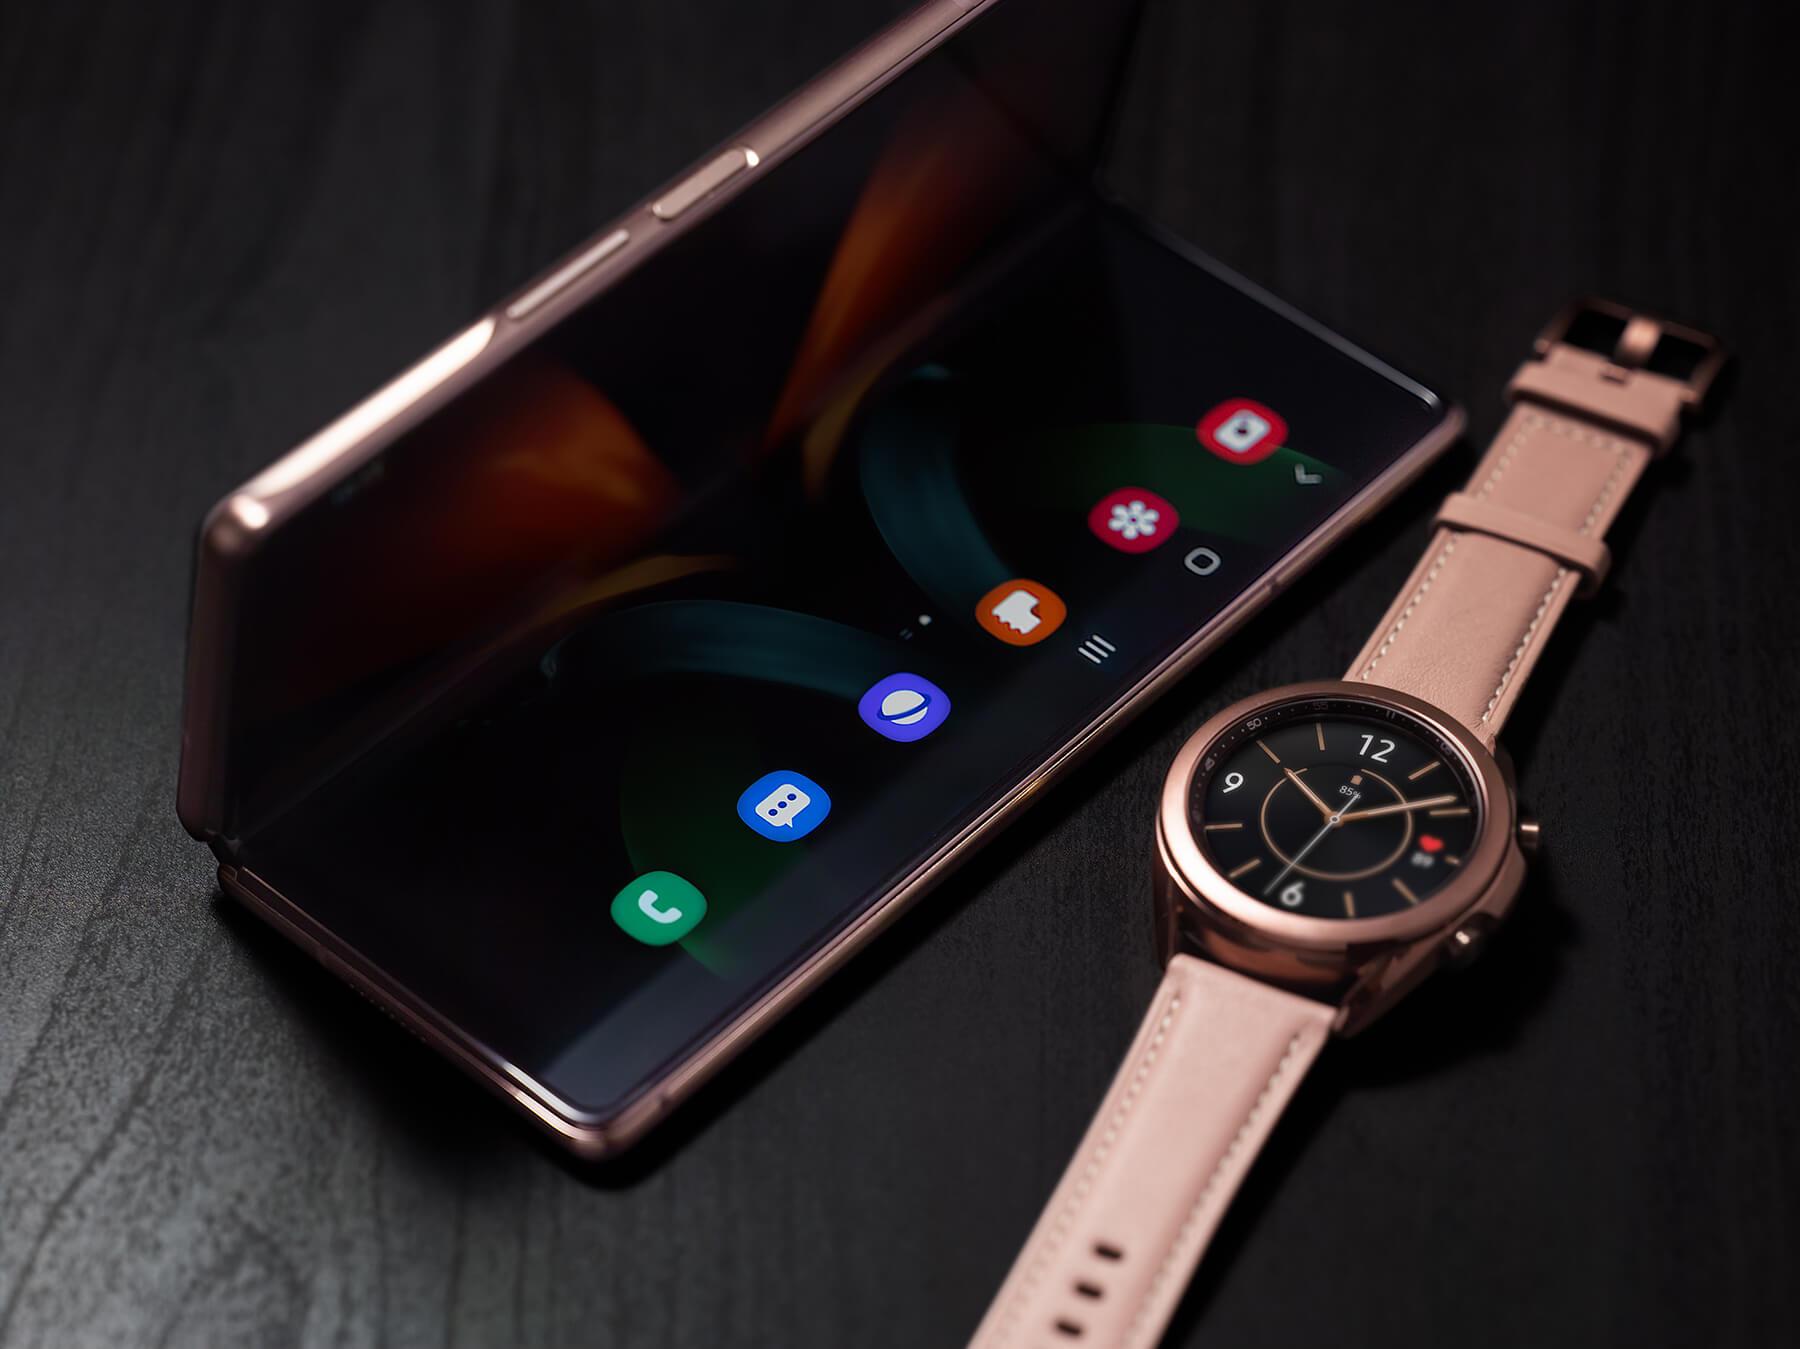 Samsung sorprende la categoría de plegables en Uruguay con el Galaxy Z Fold2